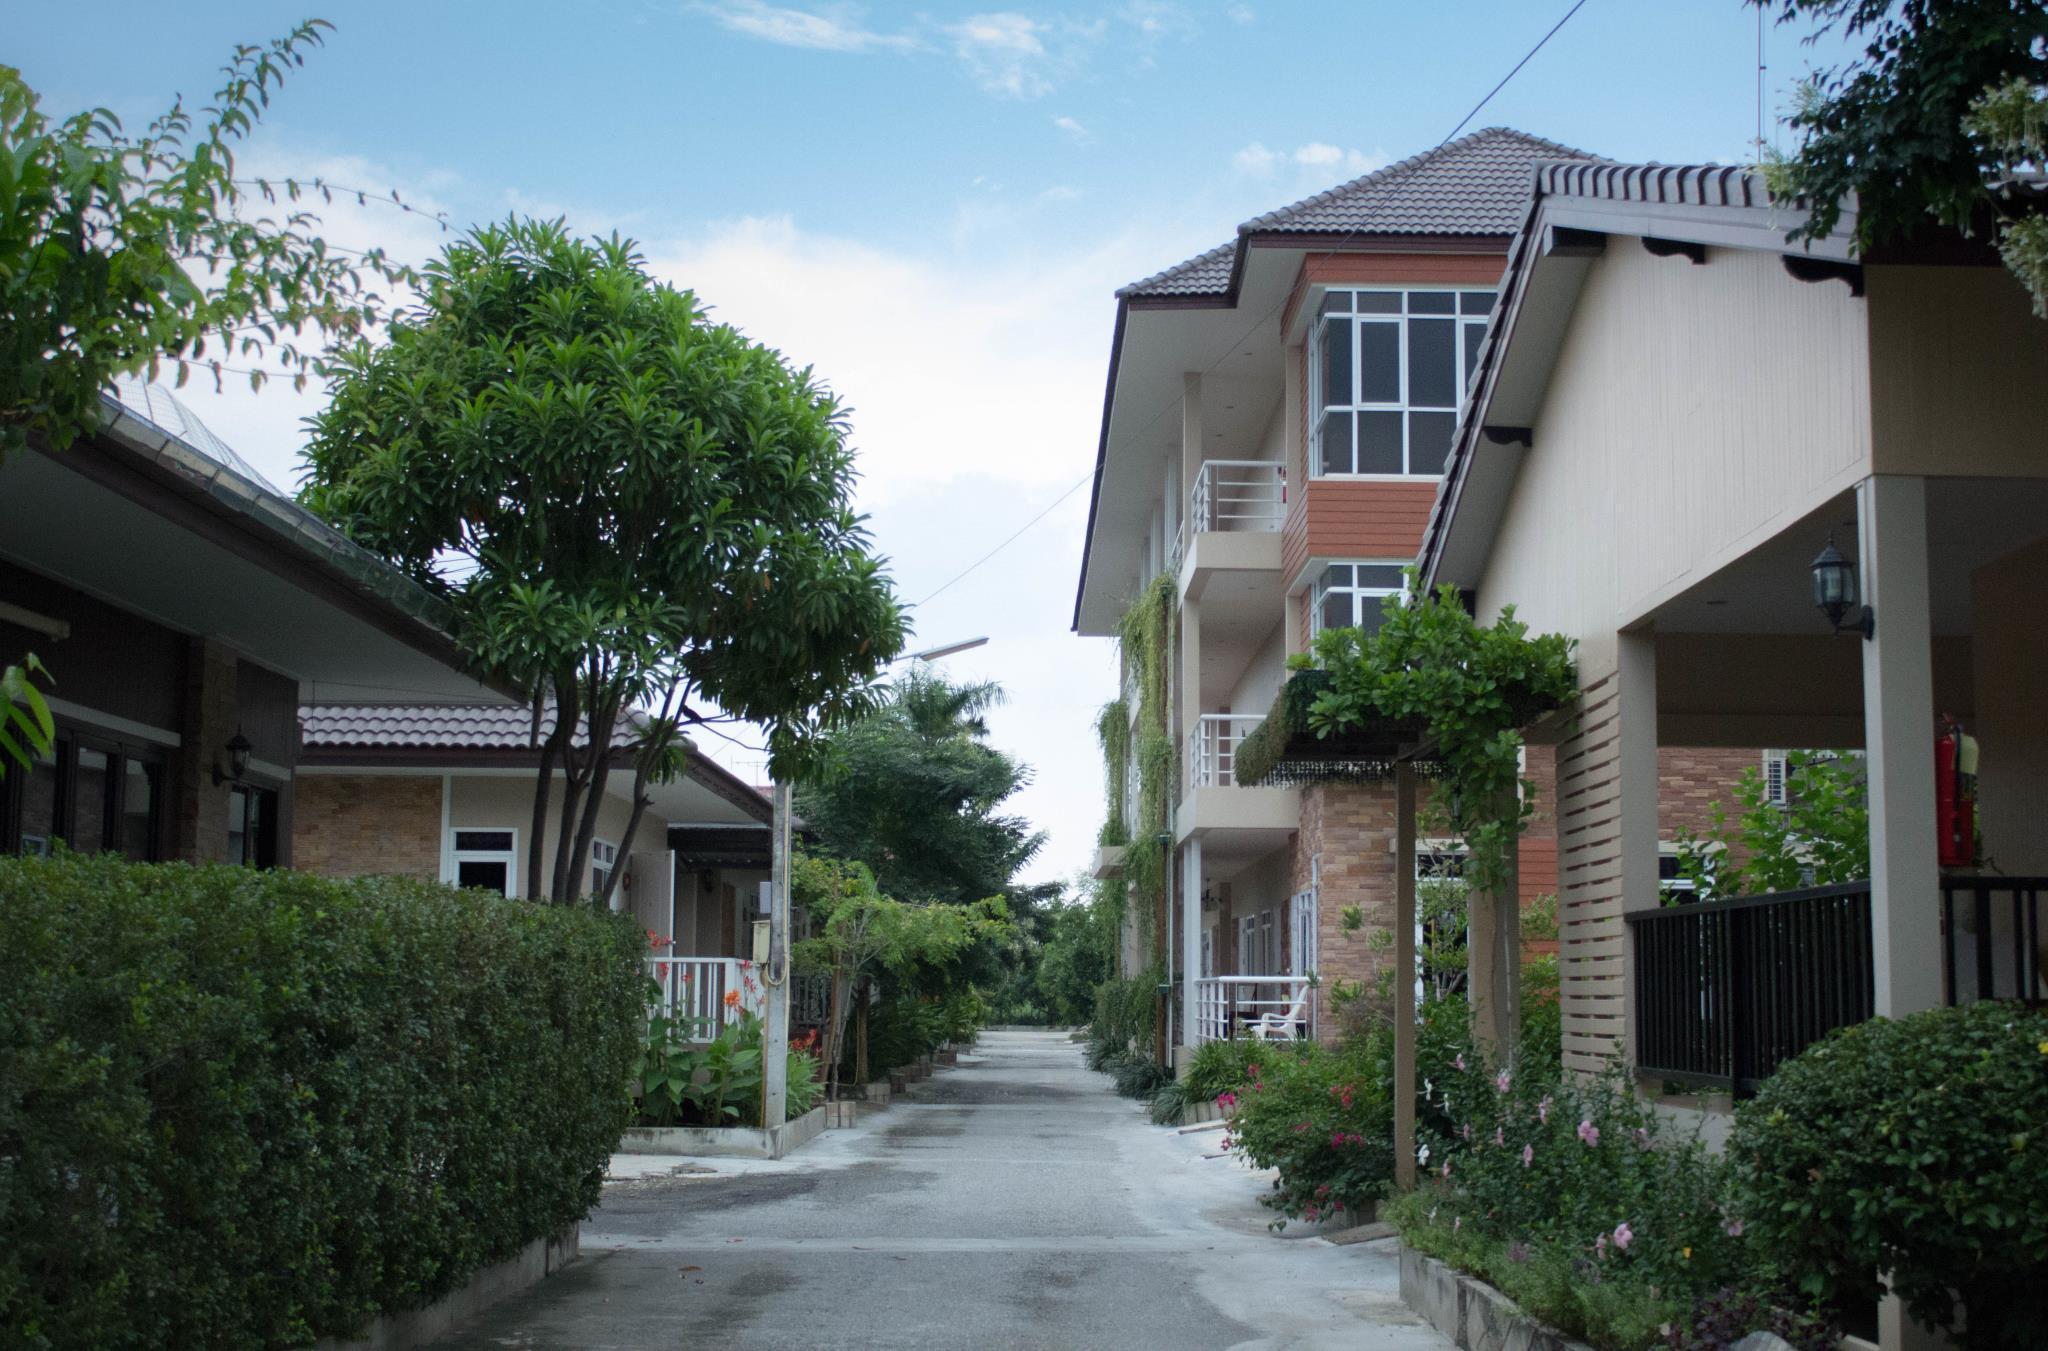 银吉度假村,เย็นจิต บังกะโล แอนด์ รีสอร์ท